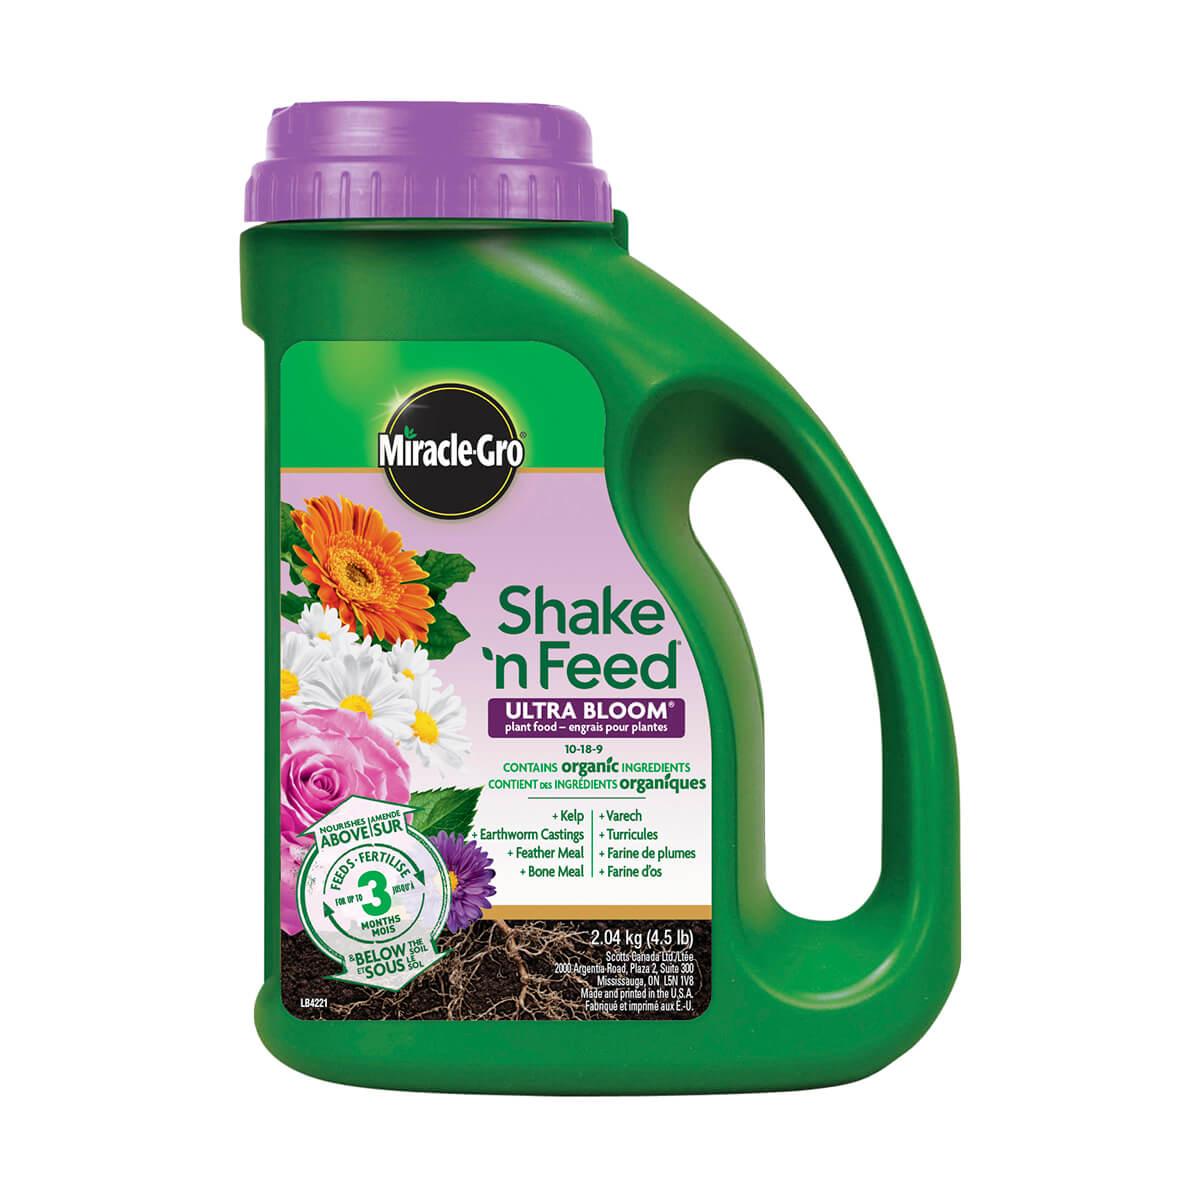 Miracle-Gro Shake 'n Feed Ultra Bloom - 2.04 kg